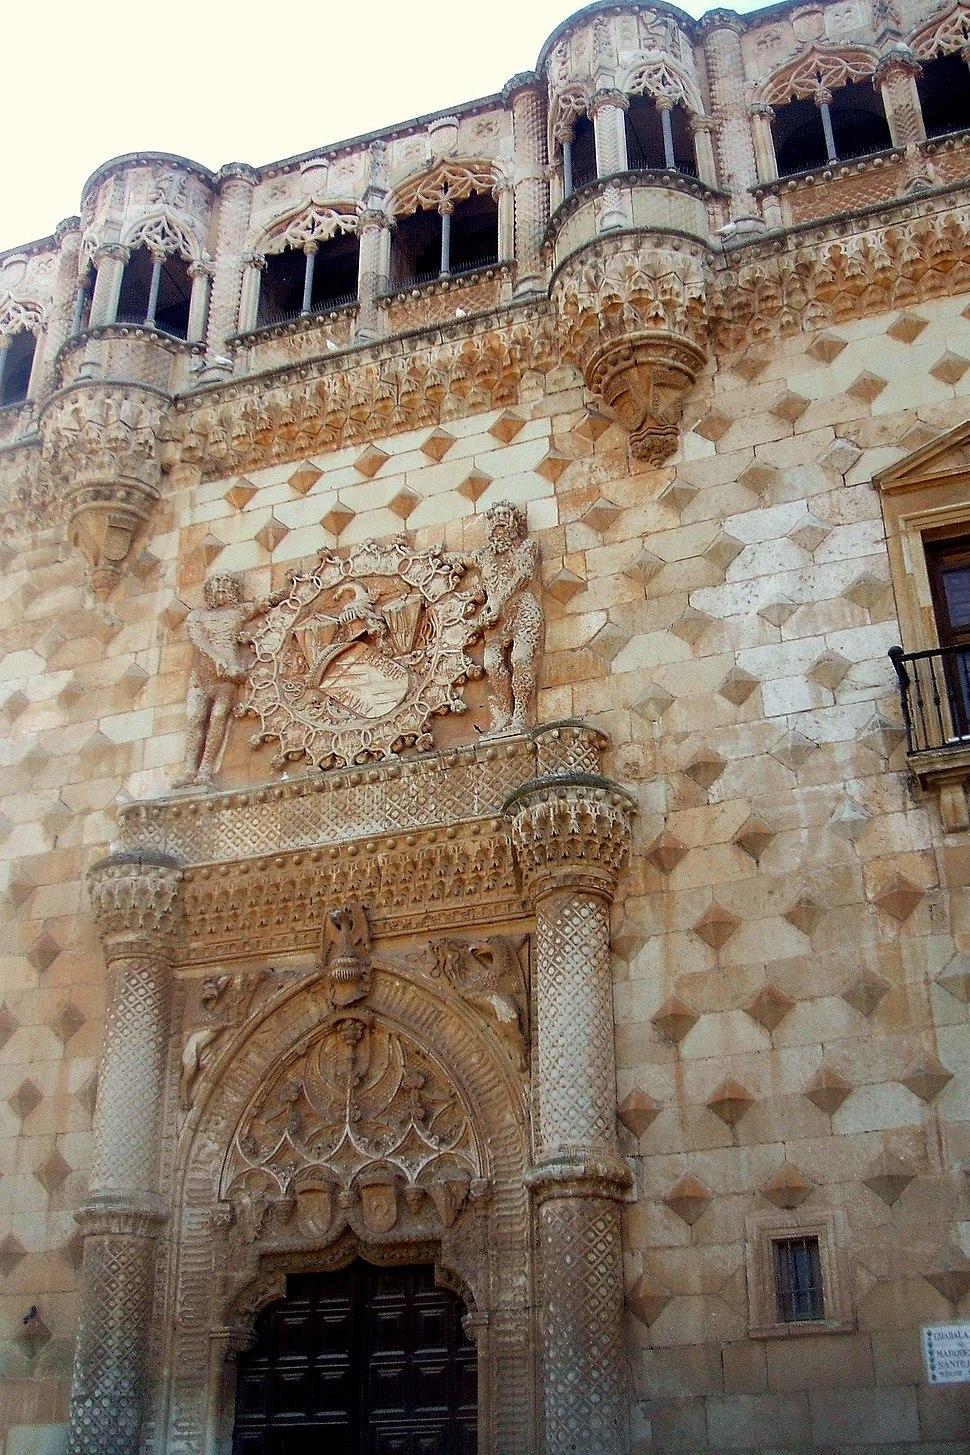 Detalle de la fachada del palacio del Infantado.